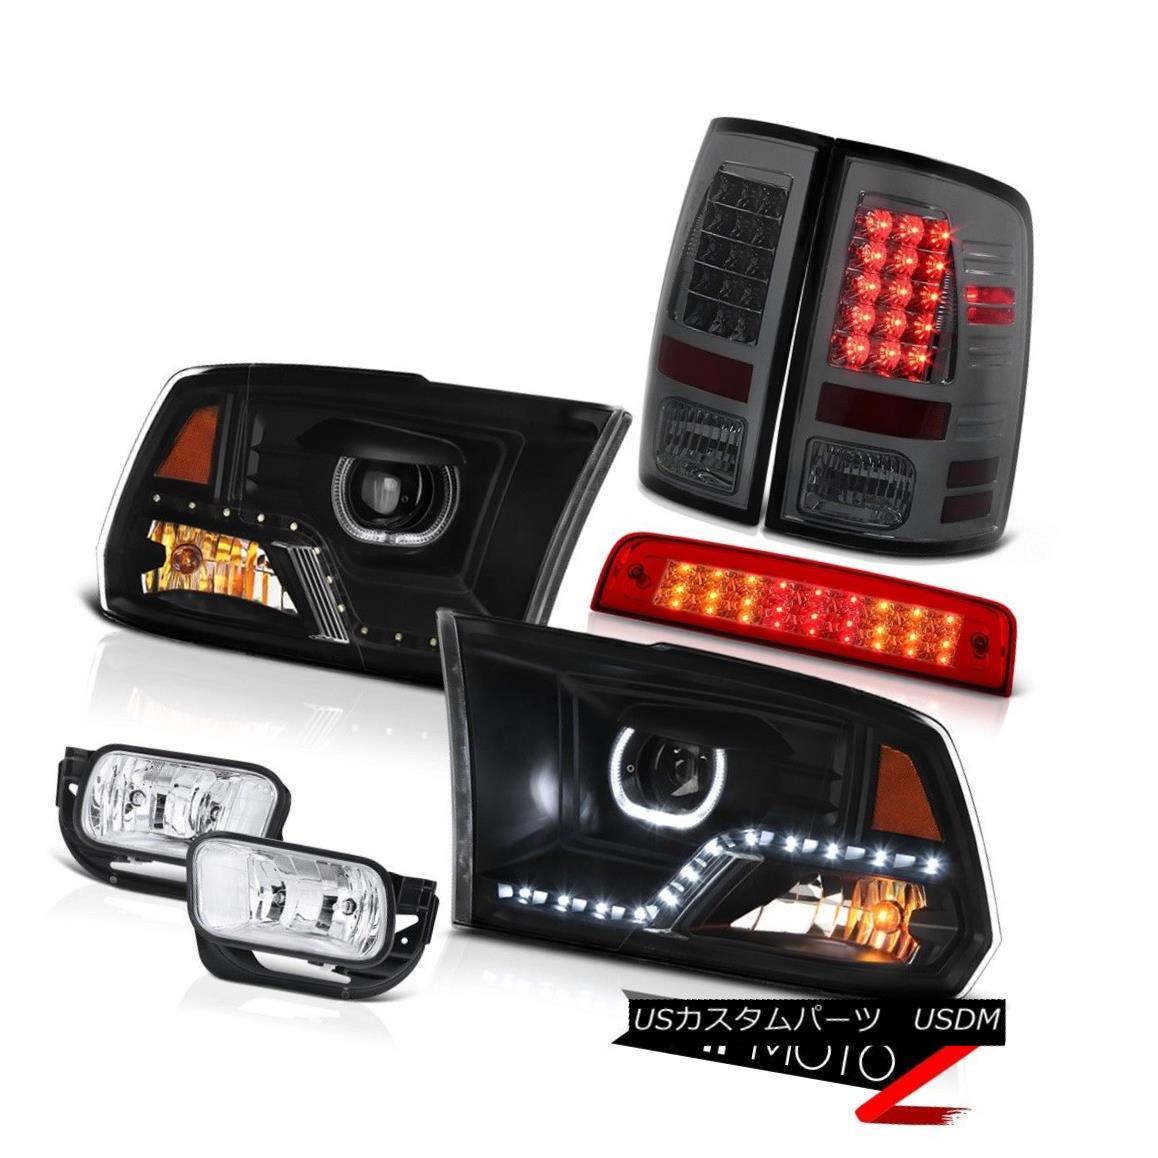 テールライト 09-11 12 13 Dodge RAM 1500 Headlamp Wine Red Third Brake Light Fog Lamps Tail 09-11 12 13ダッジRAM 1500ヘッドランプワインレッド第3ブレーキライトフォグランプテール